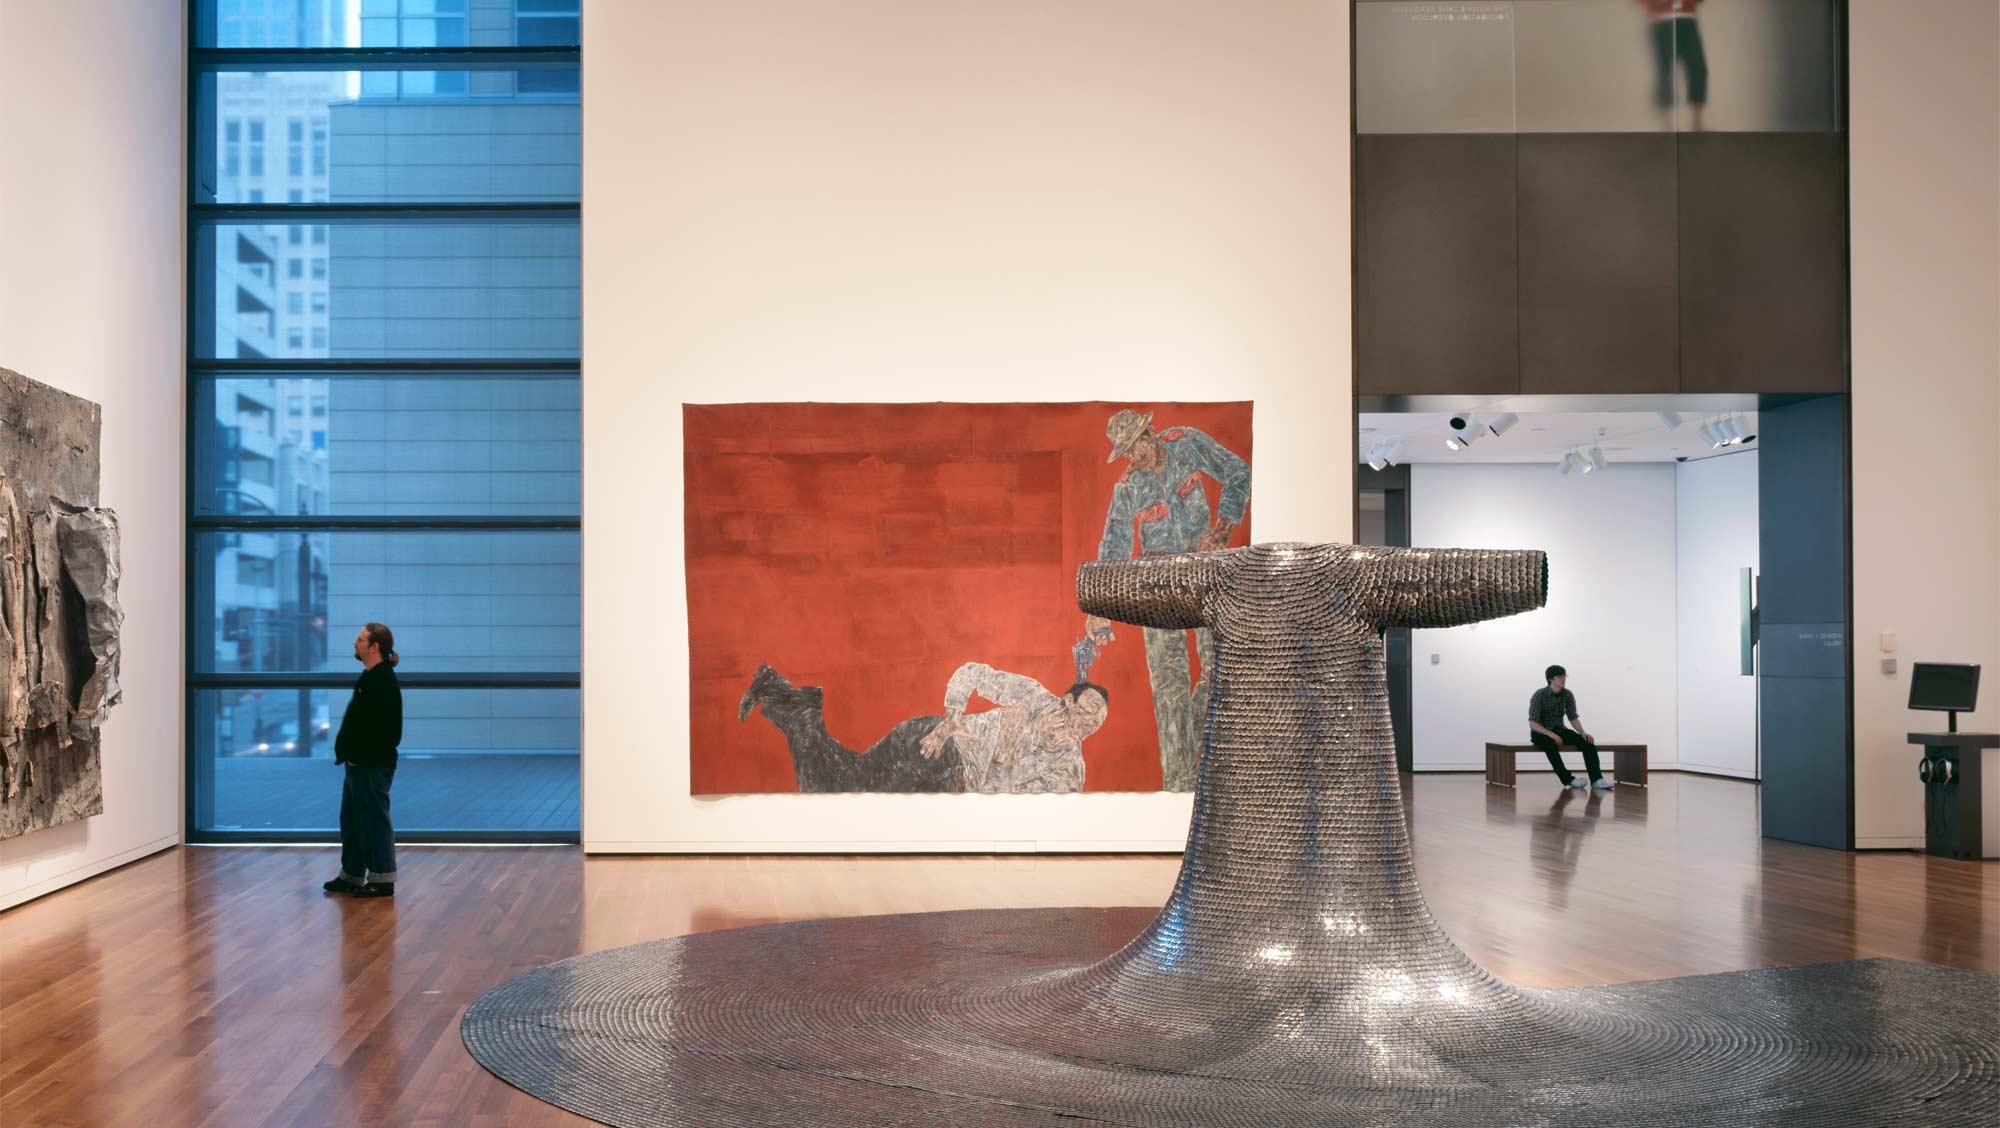 Seattle Art Museum Allied Works